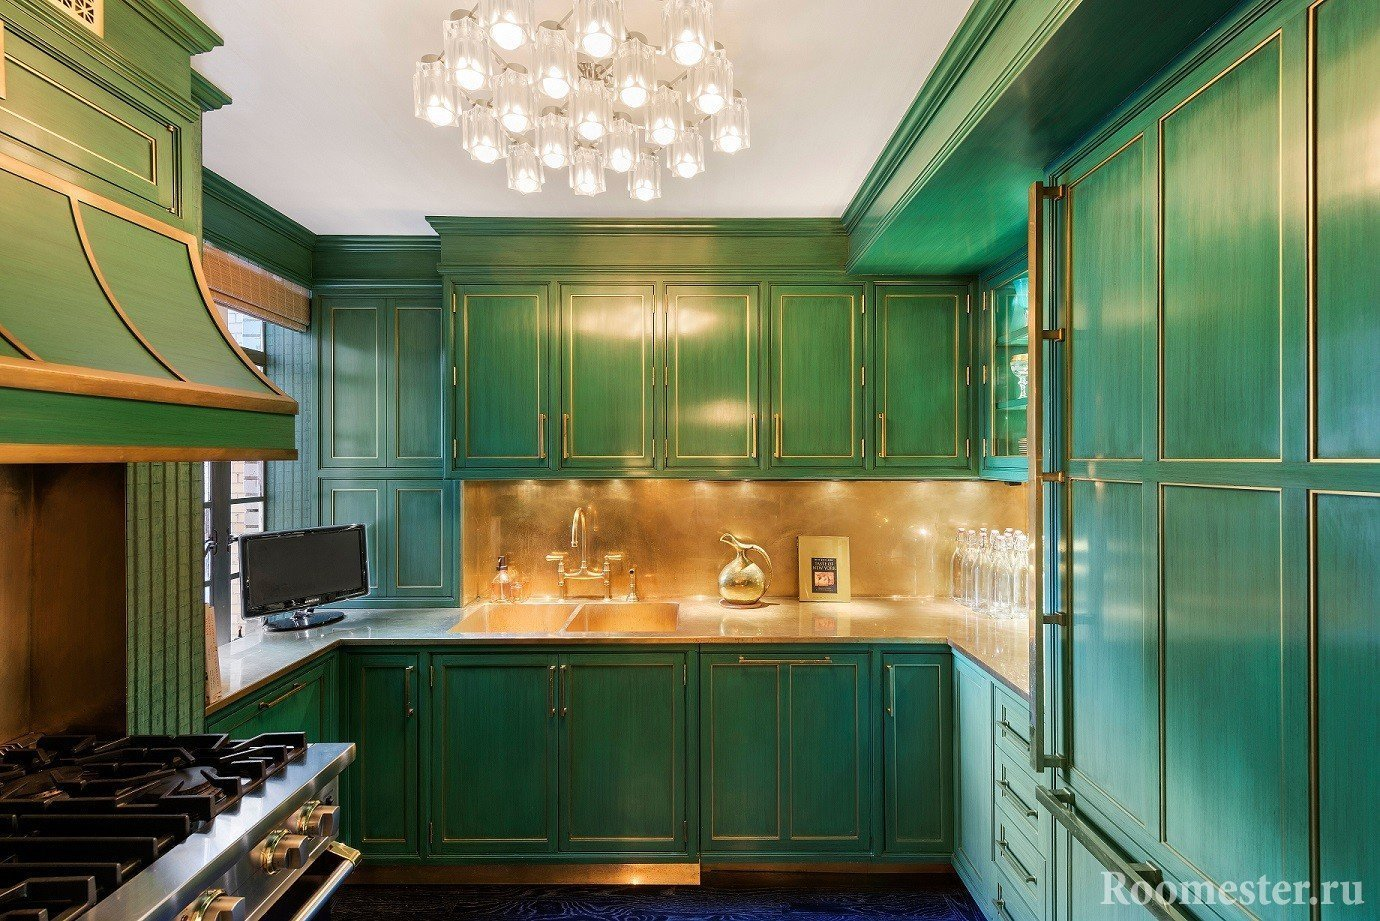 Küche Farbe Kombination von Farben